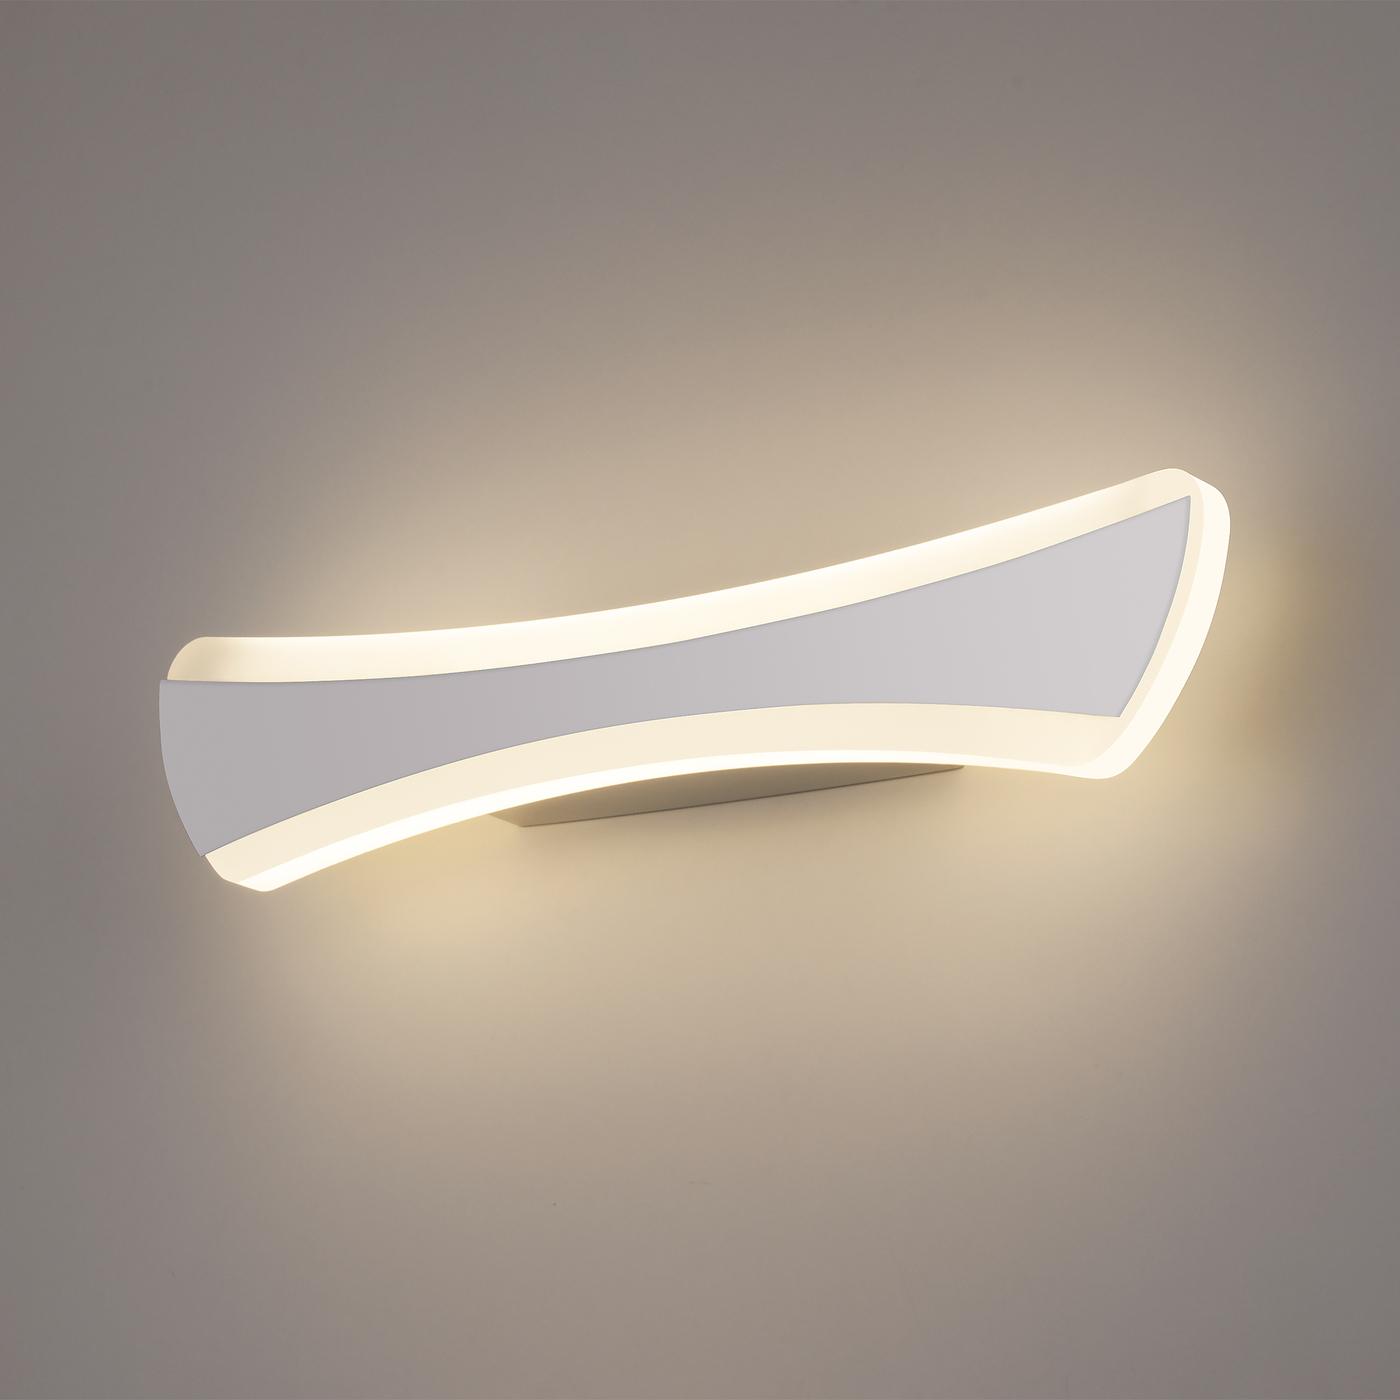 Настенный светильник Elektrostandard Wave LED светодиодный MRL LED 1090, 14 Вт elektrostandard настенный светильник elektrostandard inside led белый матовый mrl led 12w